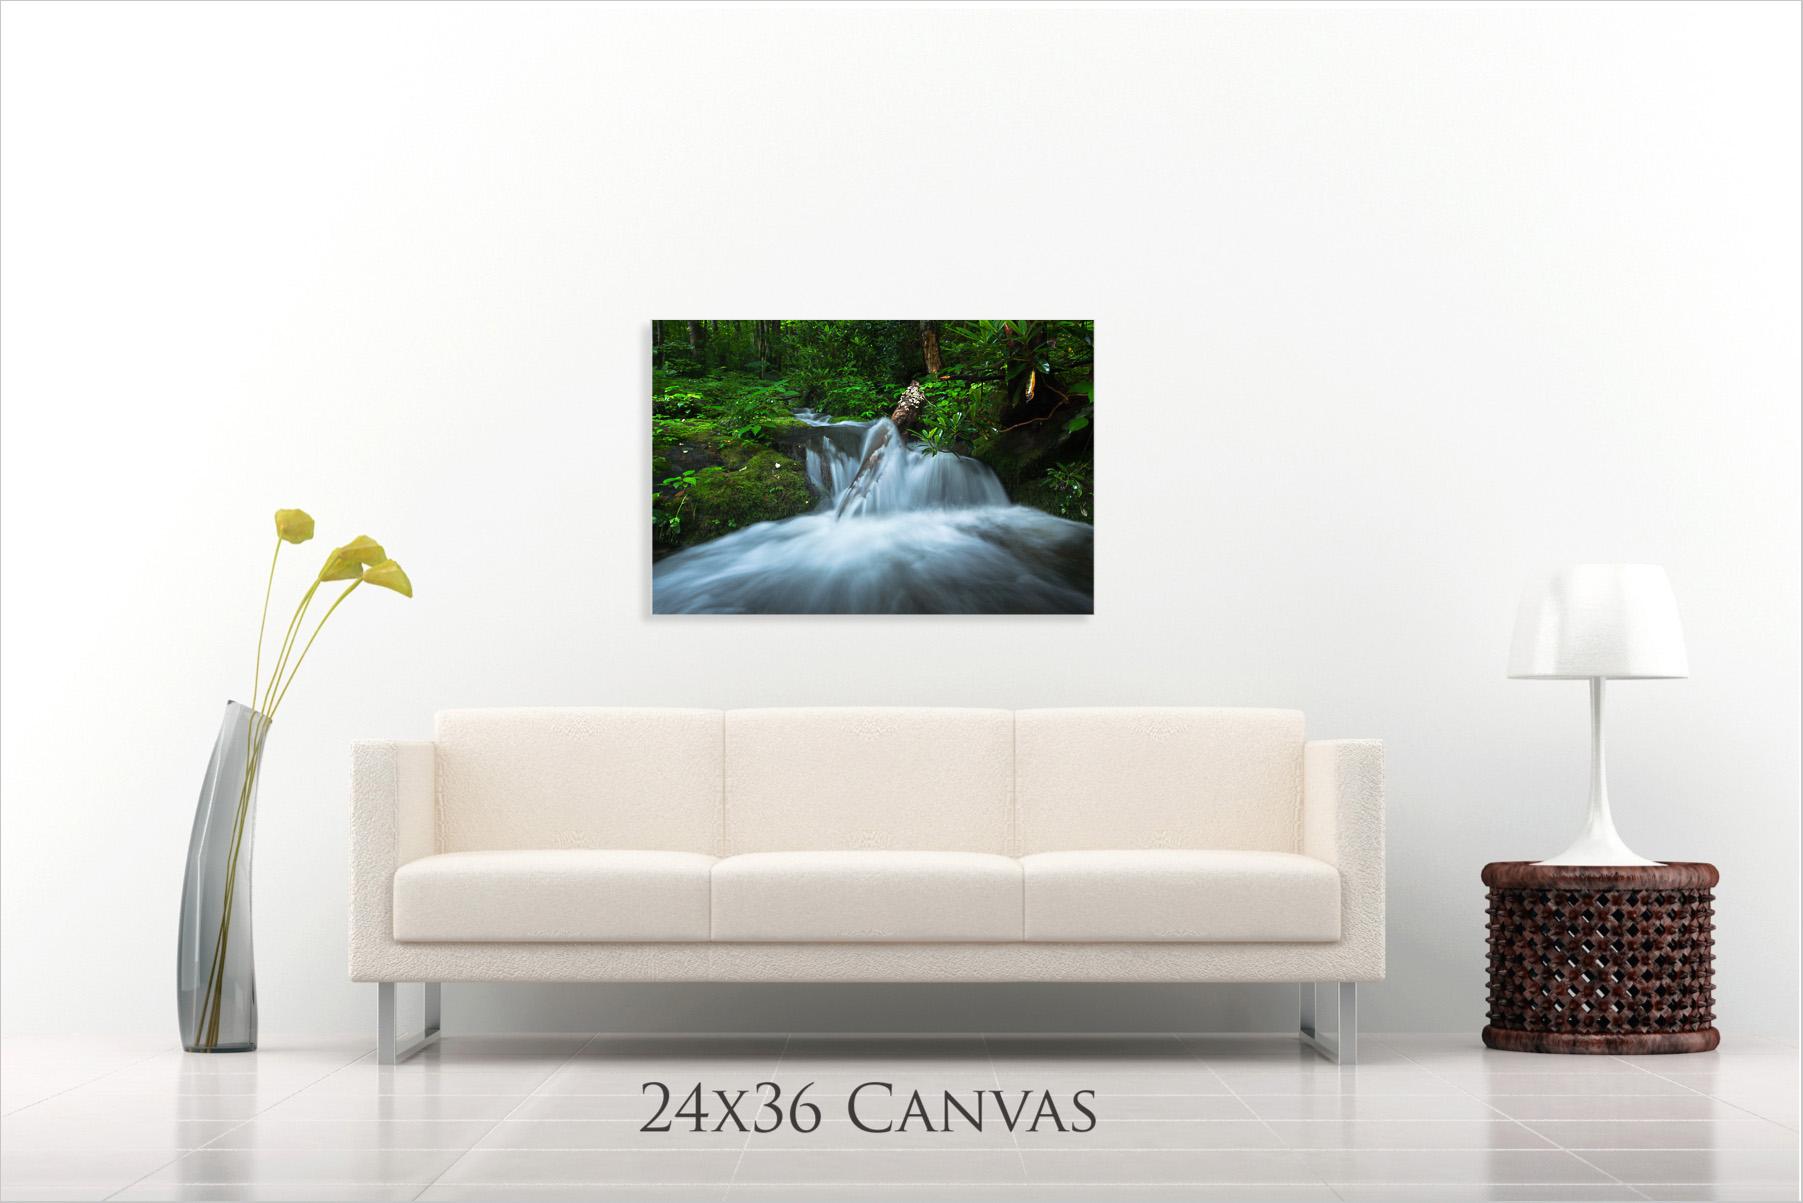 24x36 Landscape Preview.jpg